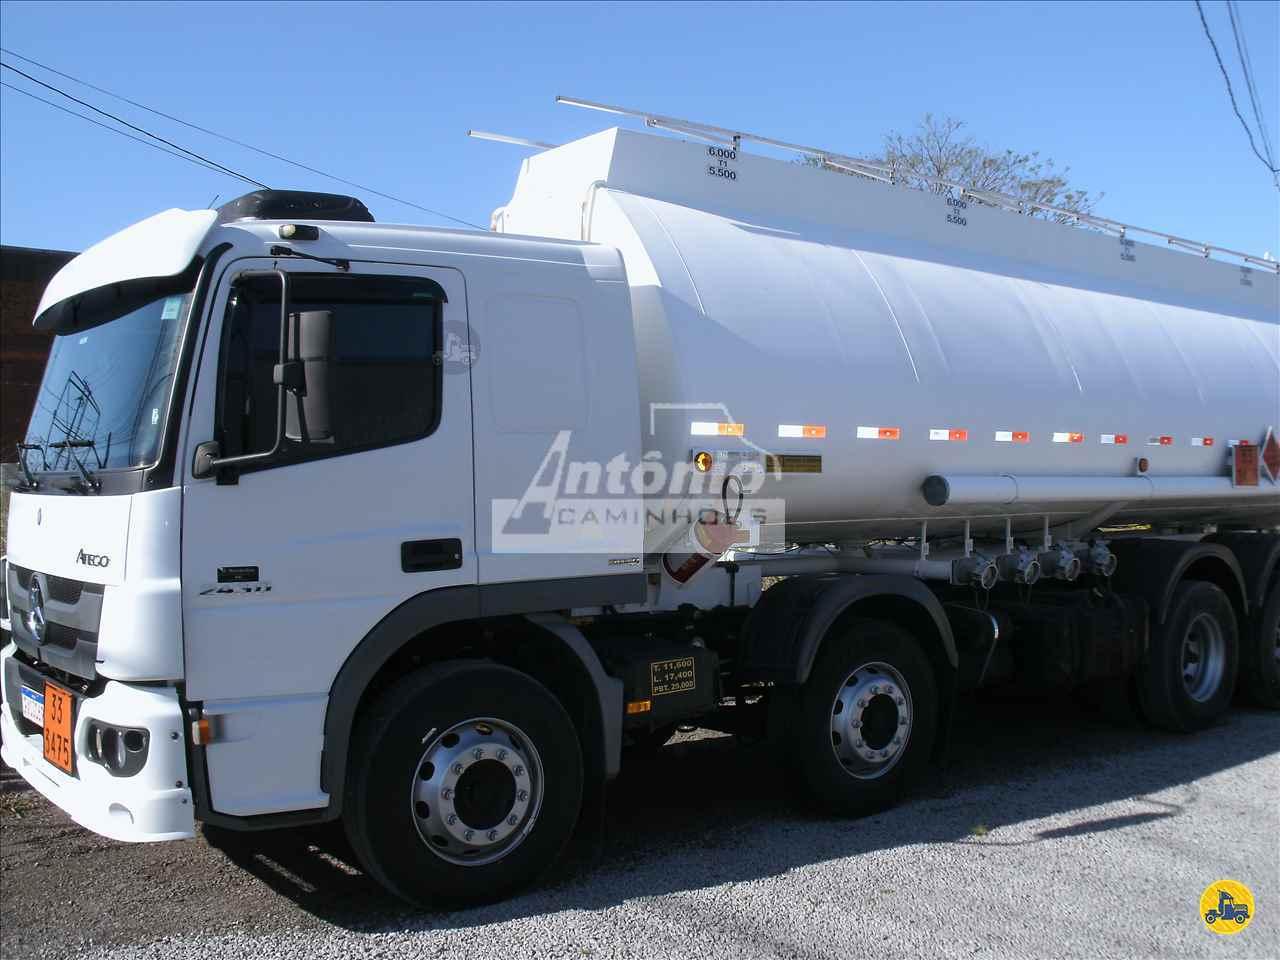 CAMINHAO MERCEDES-BENZ MB 2430 Tanque Aço BiTruck 8x2 Antônio Caminhões GARIBALDI RIO GRANDE DO SUL RS